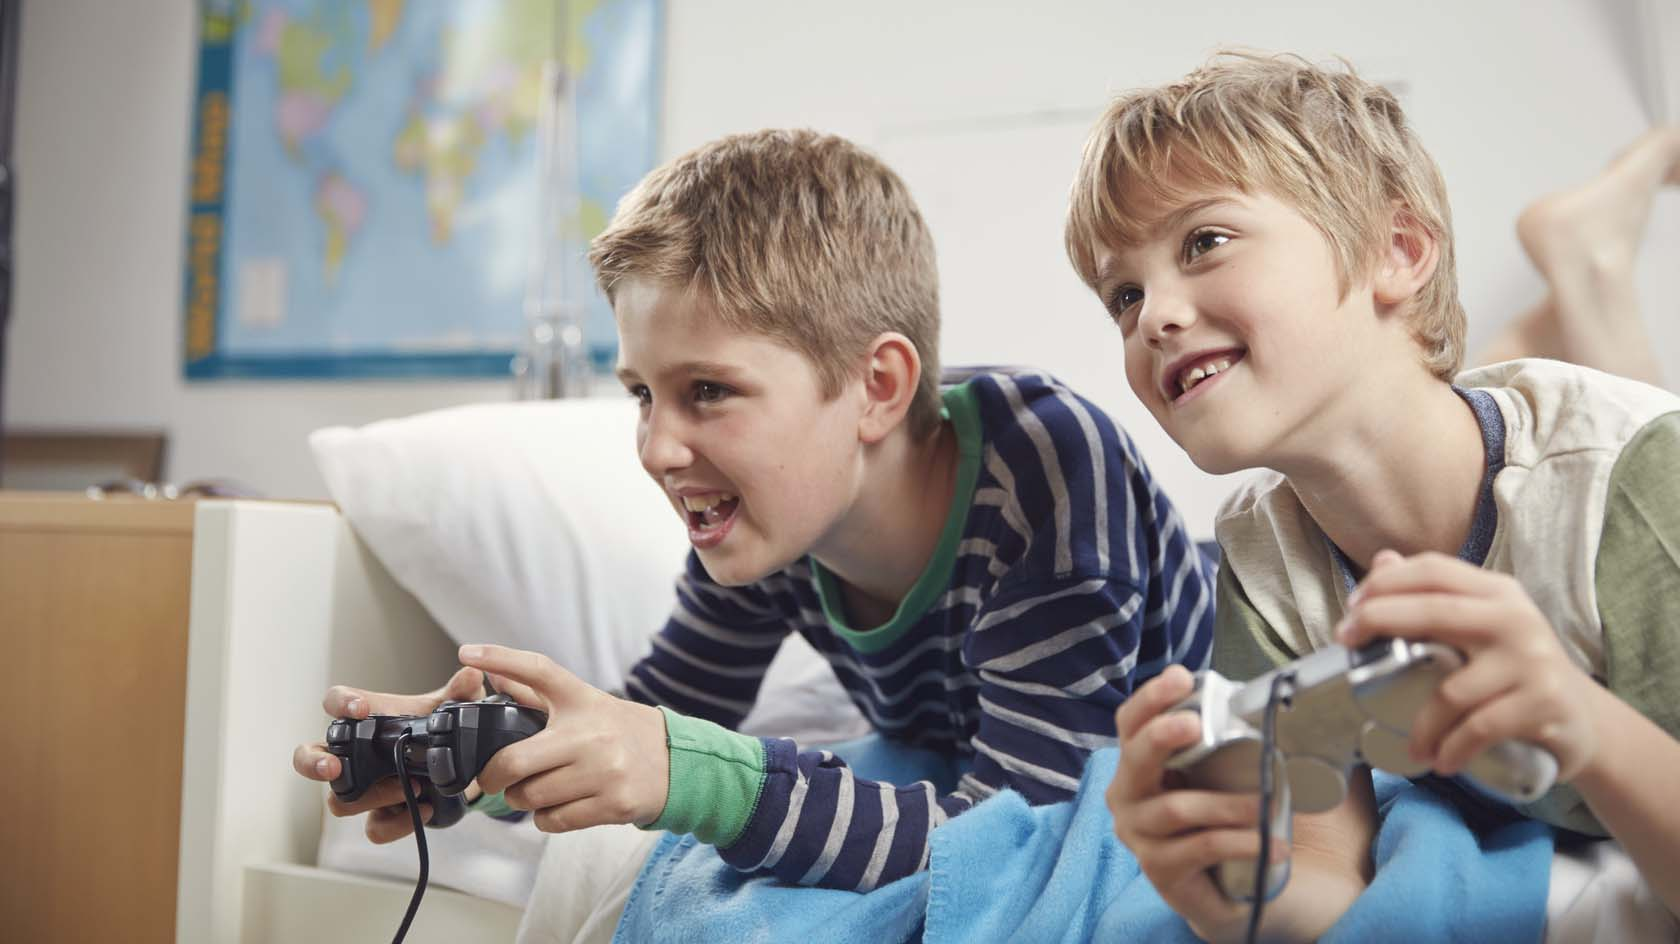 hai cậu bé đnag mải mê chơi điện tử - hình ảnh minh họa cho Ving làm bổ ngữu cho tân ngữ 2